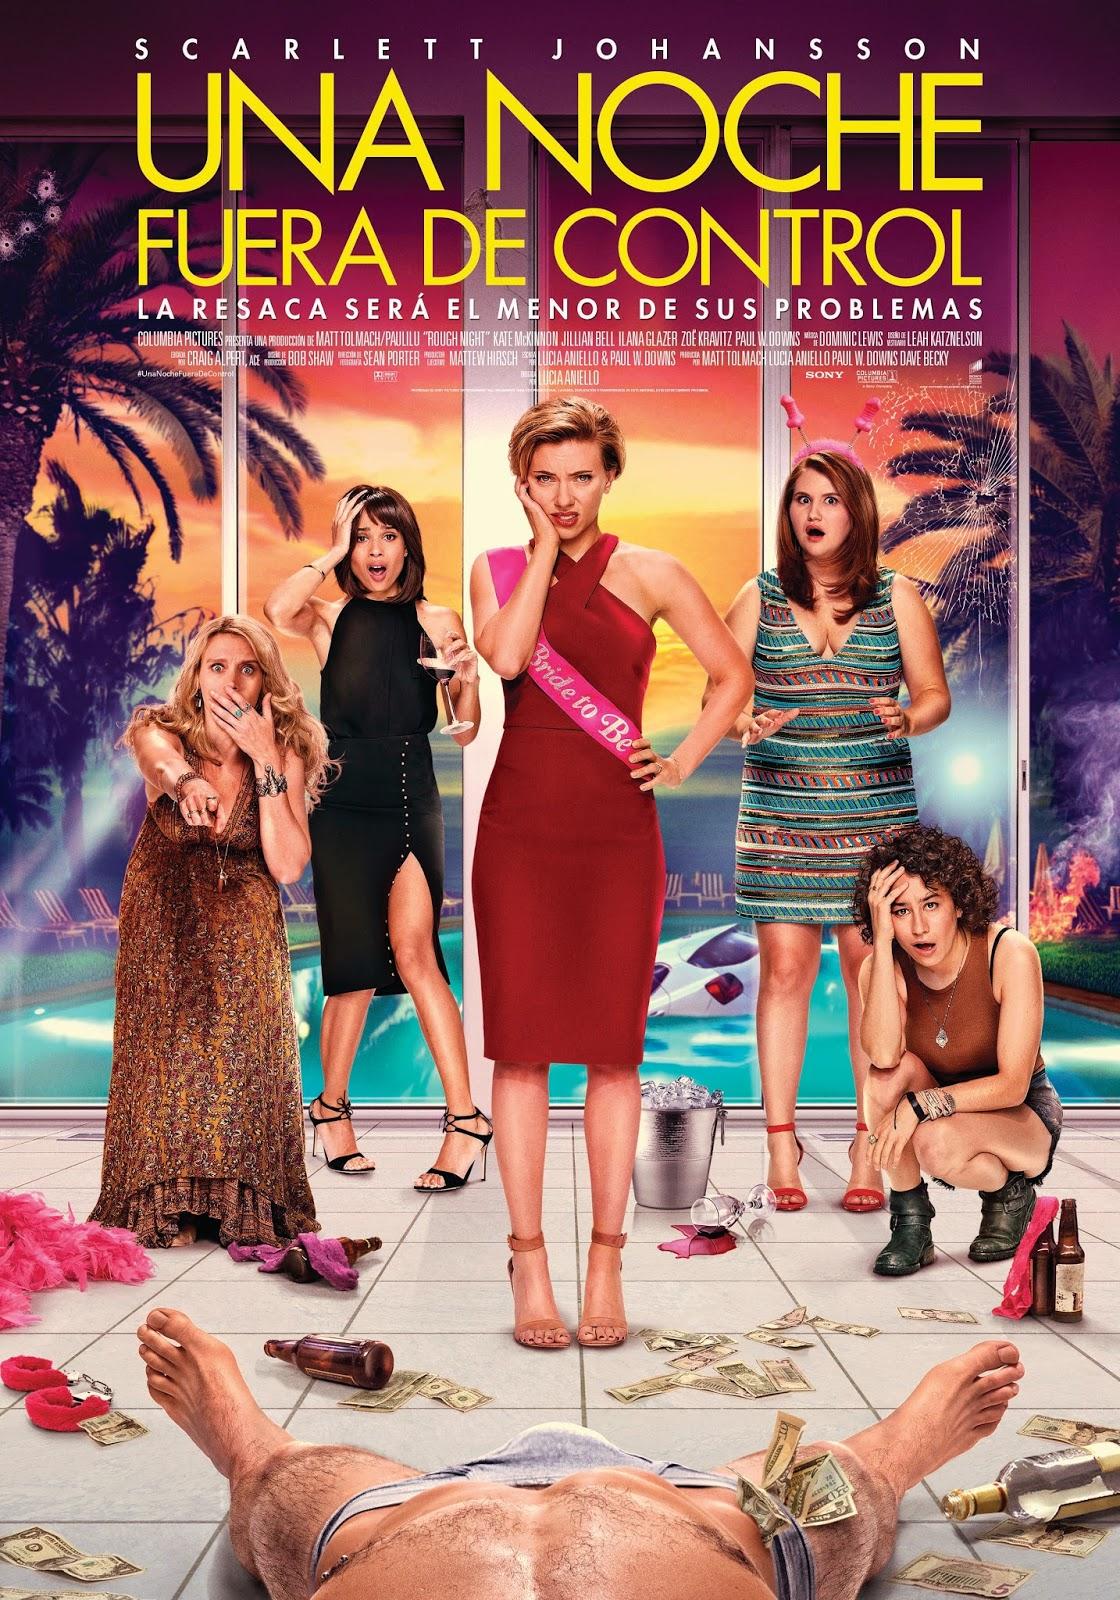 Film dreams una noche fuera de control 2017 for Fuera de convenio 2017